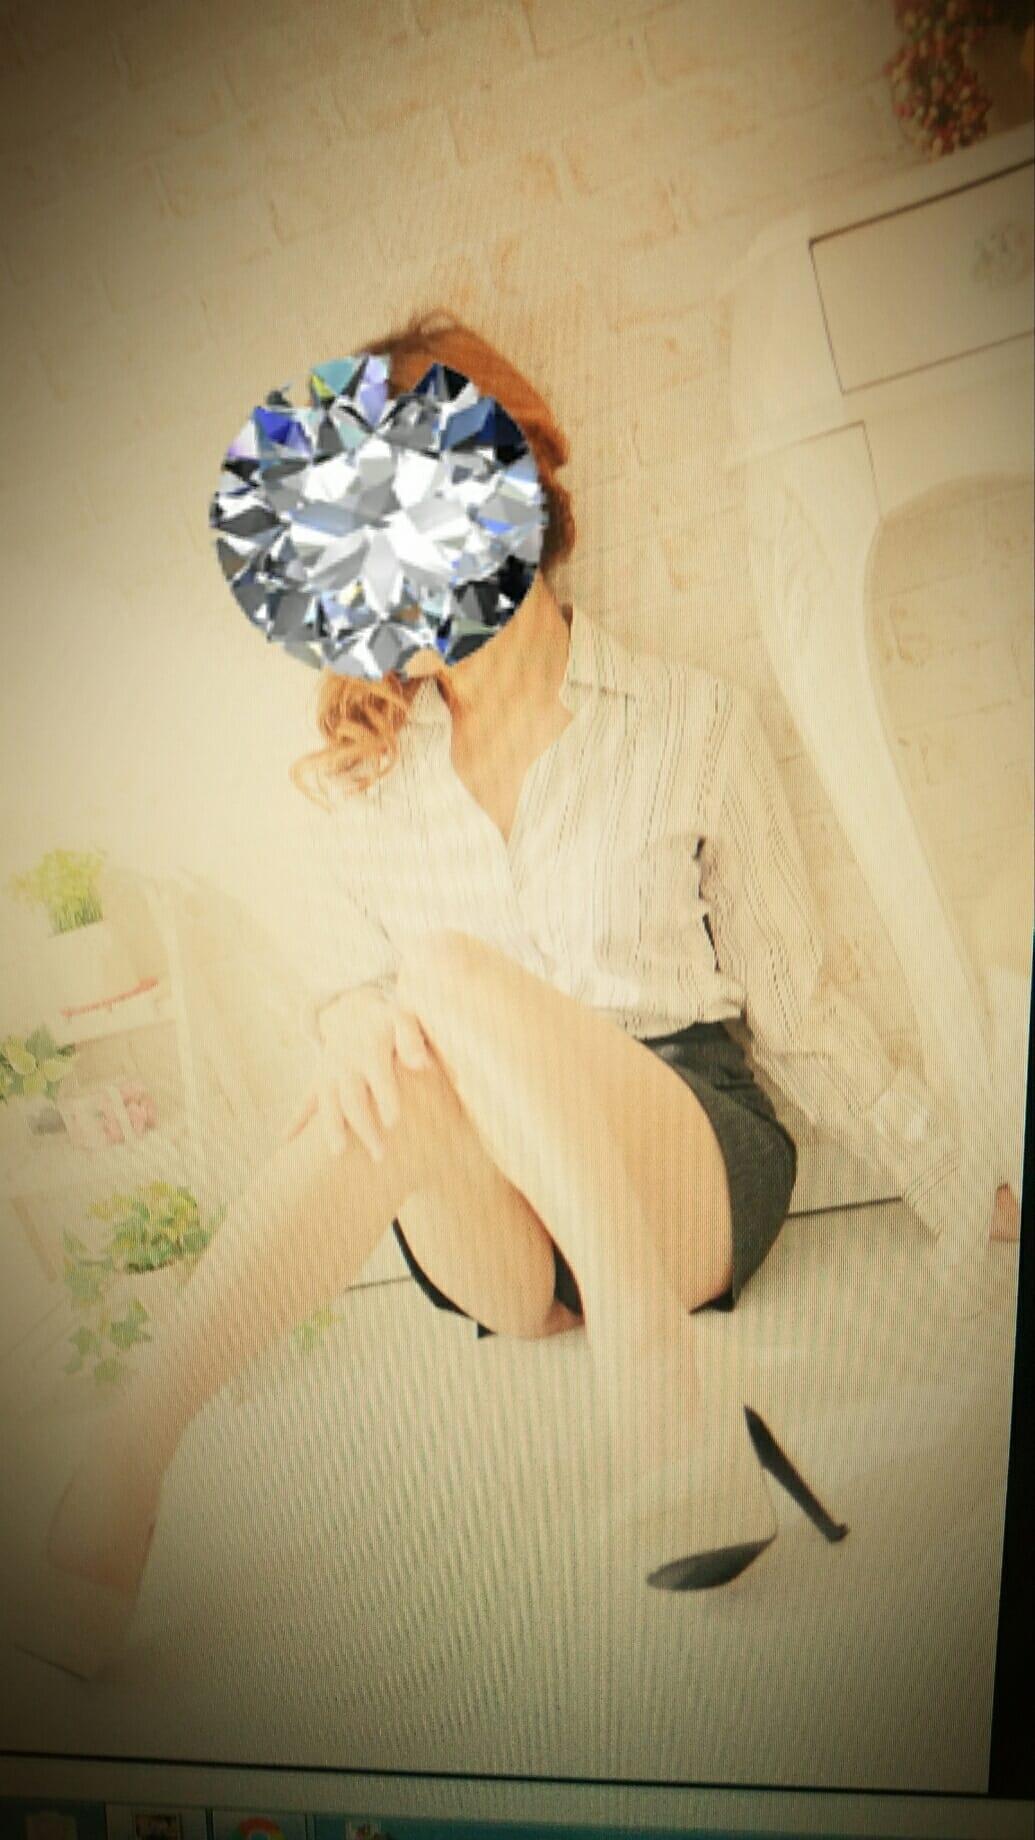 神崎かおり【色っぽいイイ女】「終了」10/17(火) 05:12 | 神崎かおり【色っぽいイイ女】の写メ・風俗動画